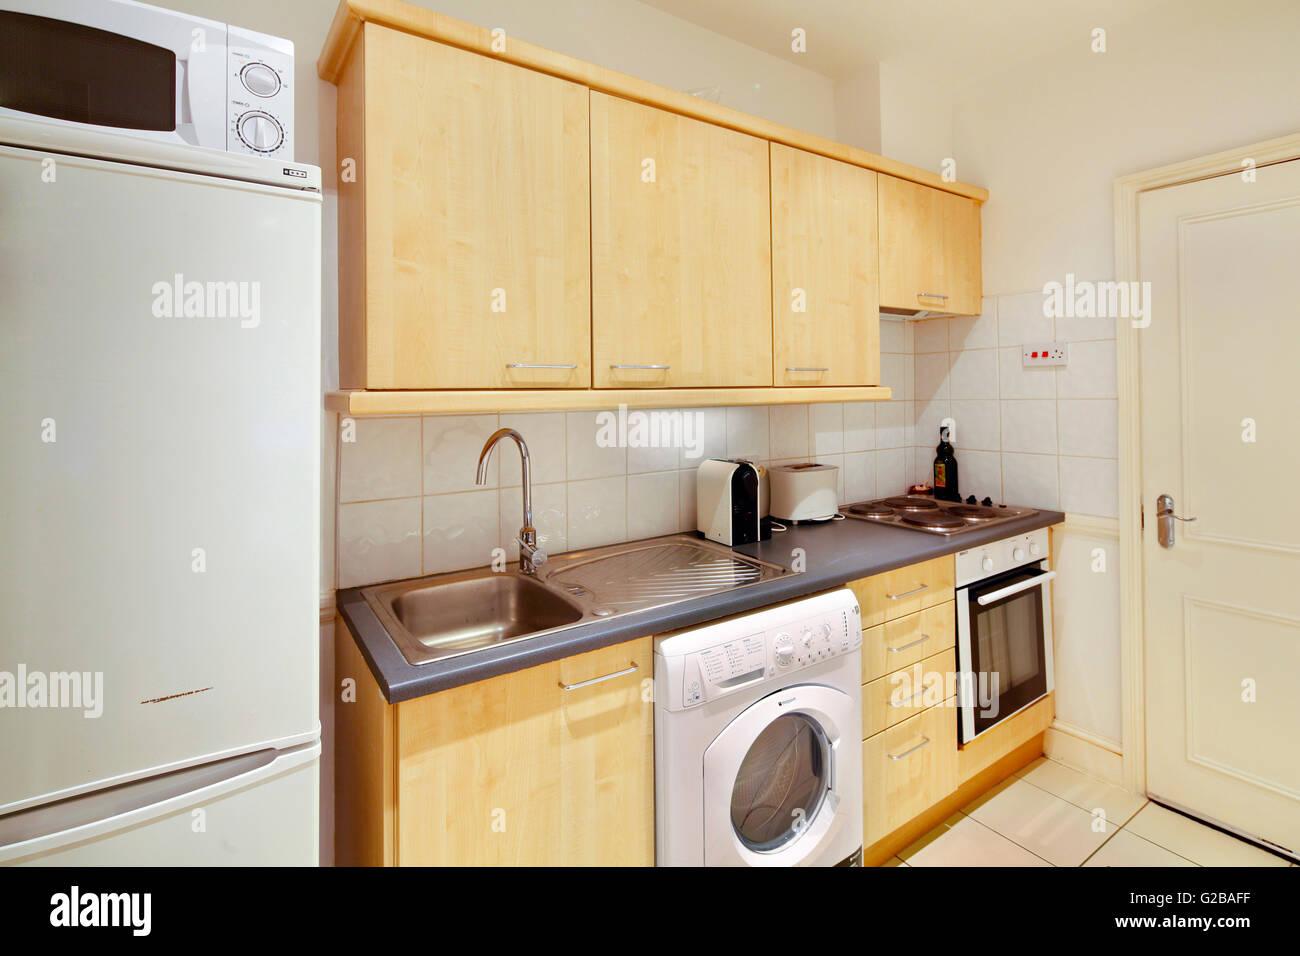 Harrington Gärten. Blick auf eine veraltete getragen Küche. Stockbild